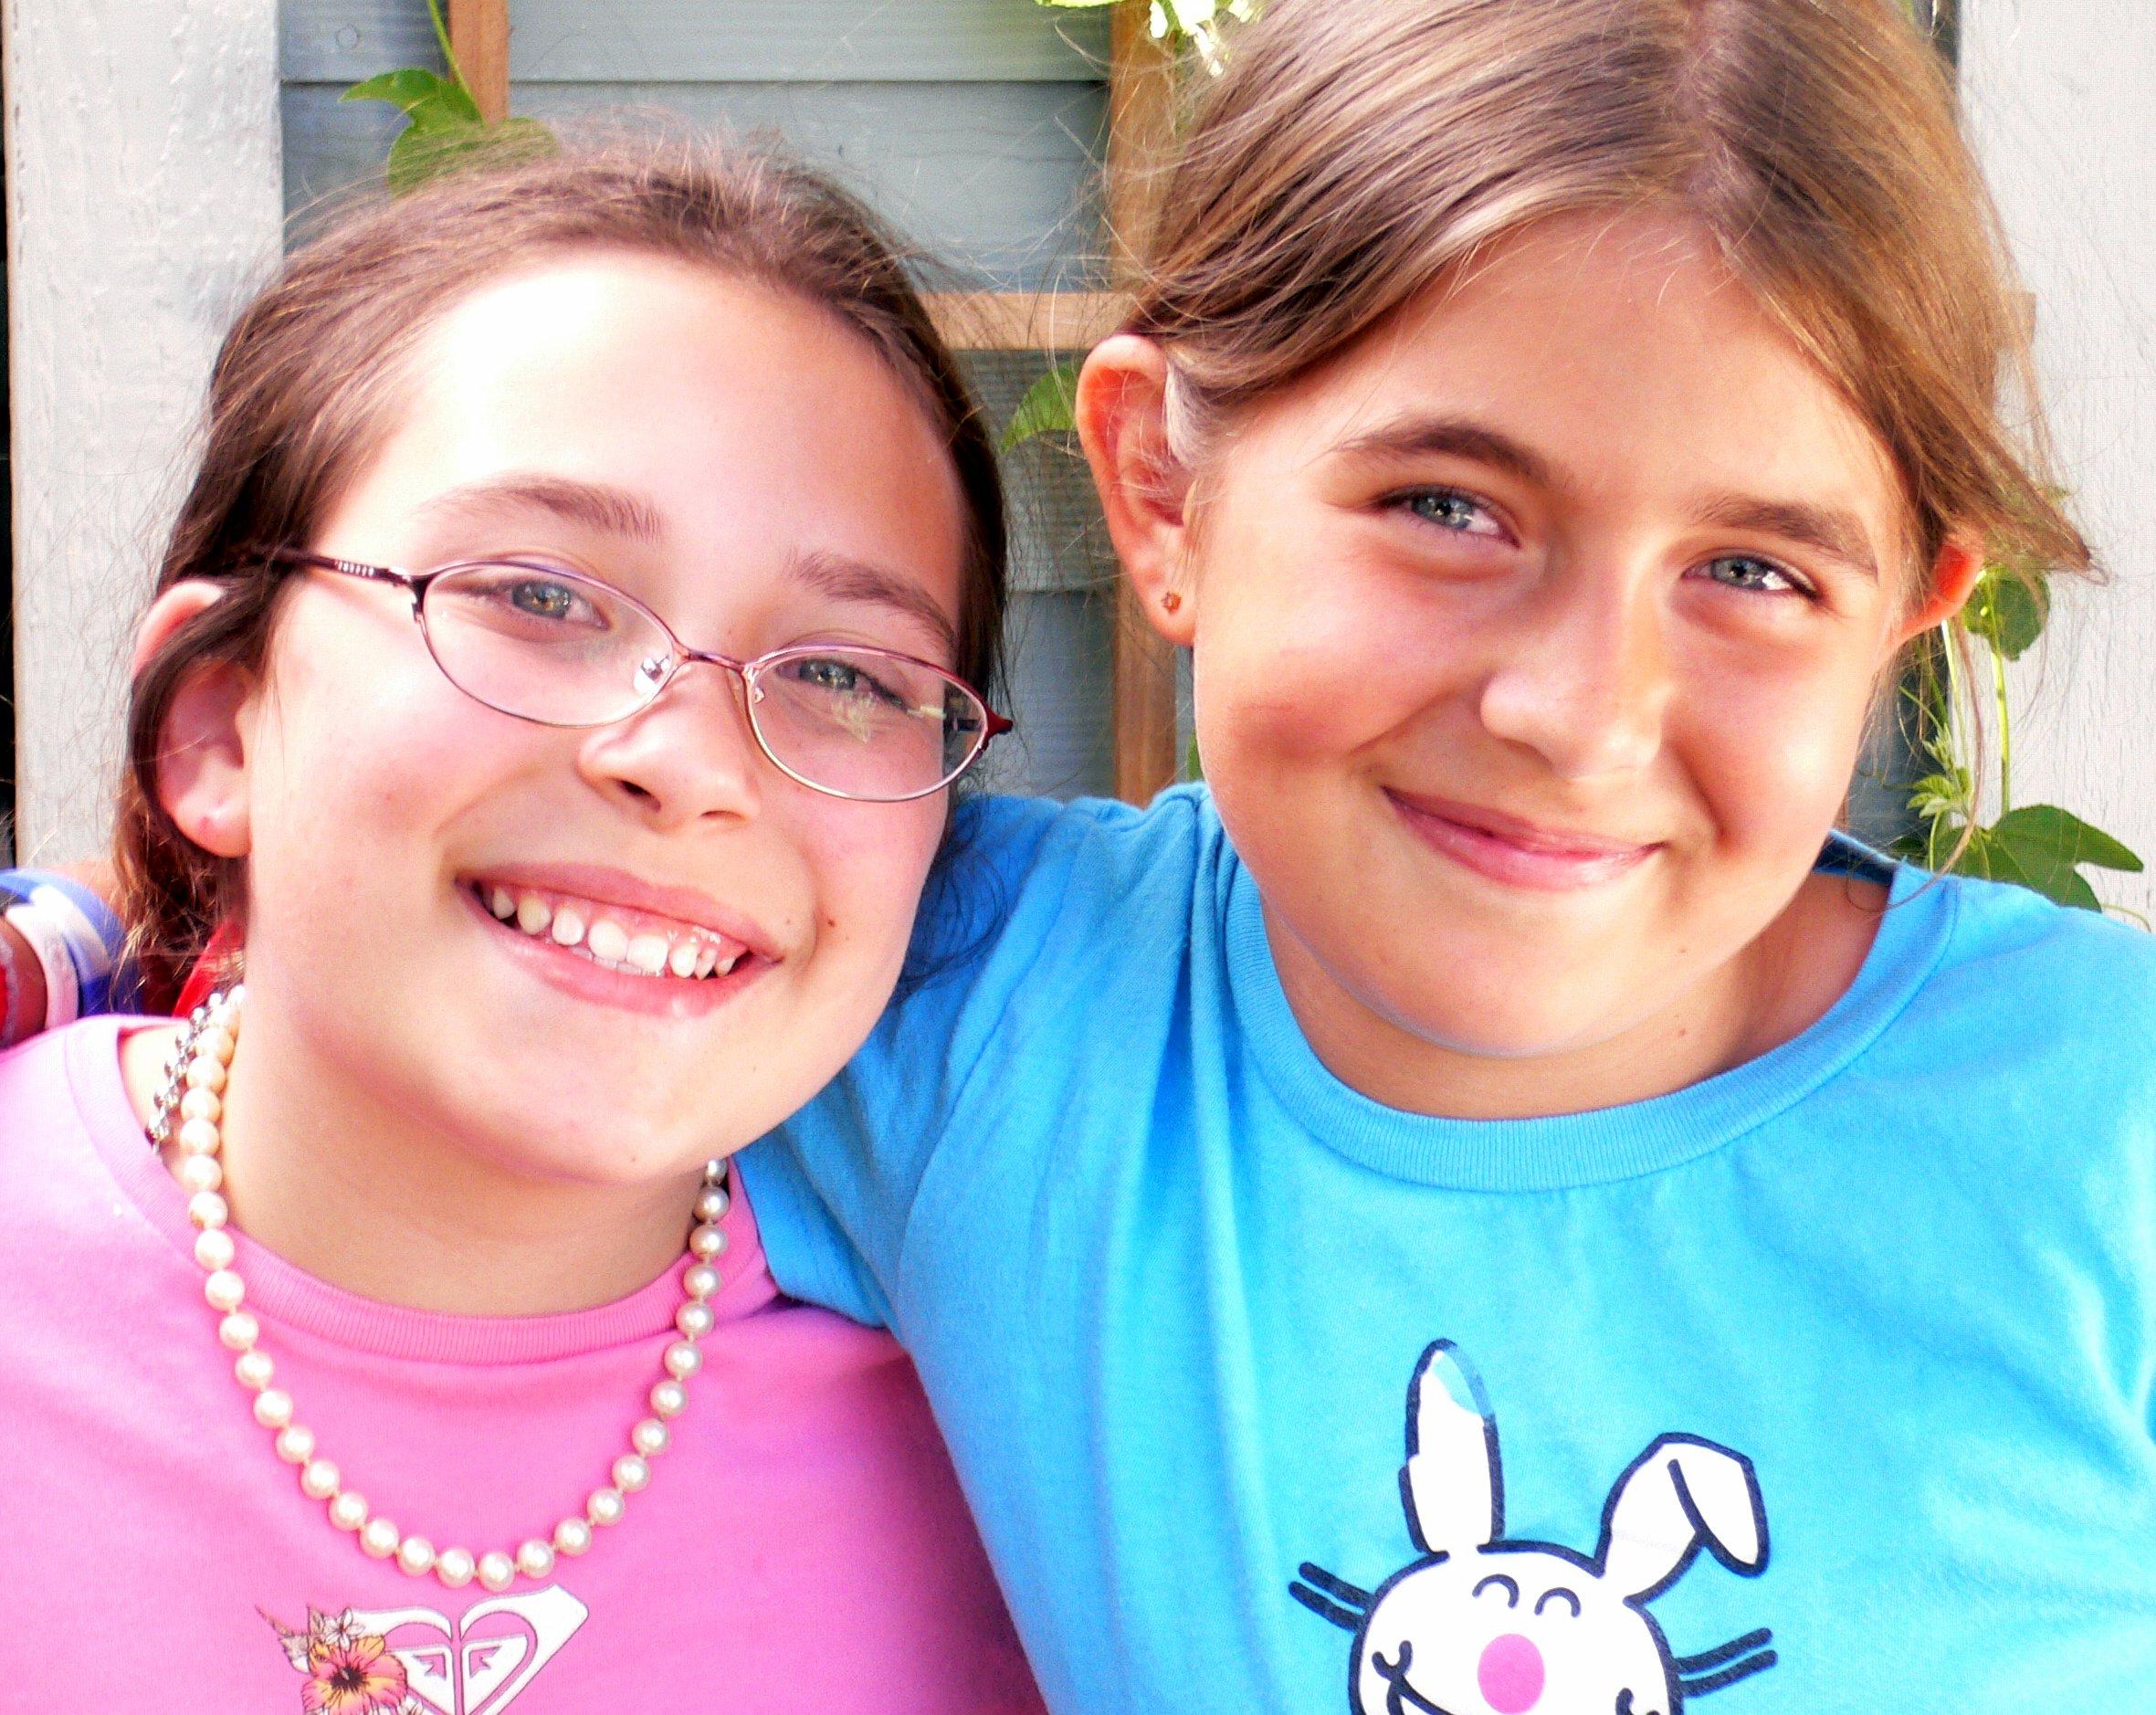 Sarah Foremski (11yrs) and Lilly